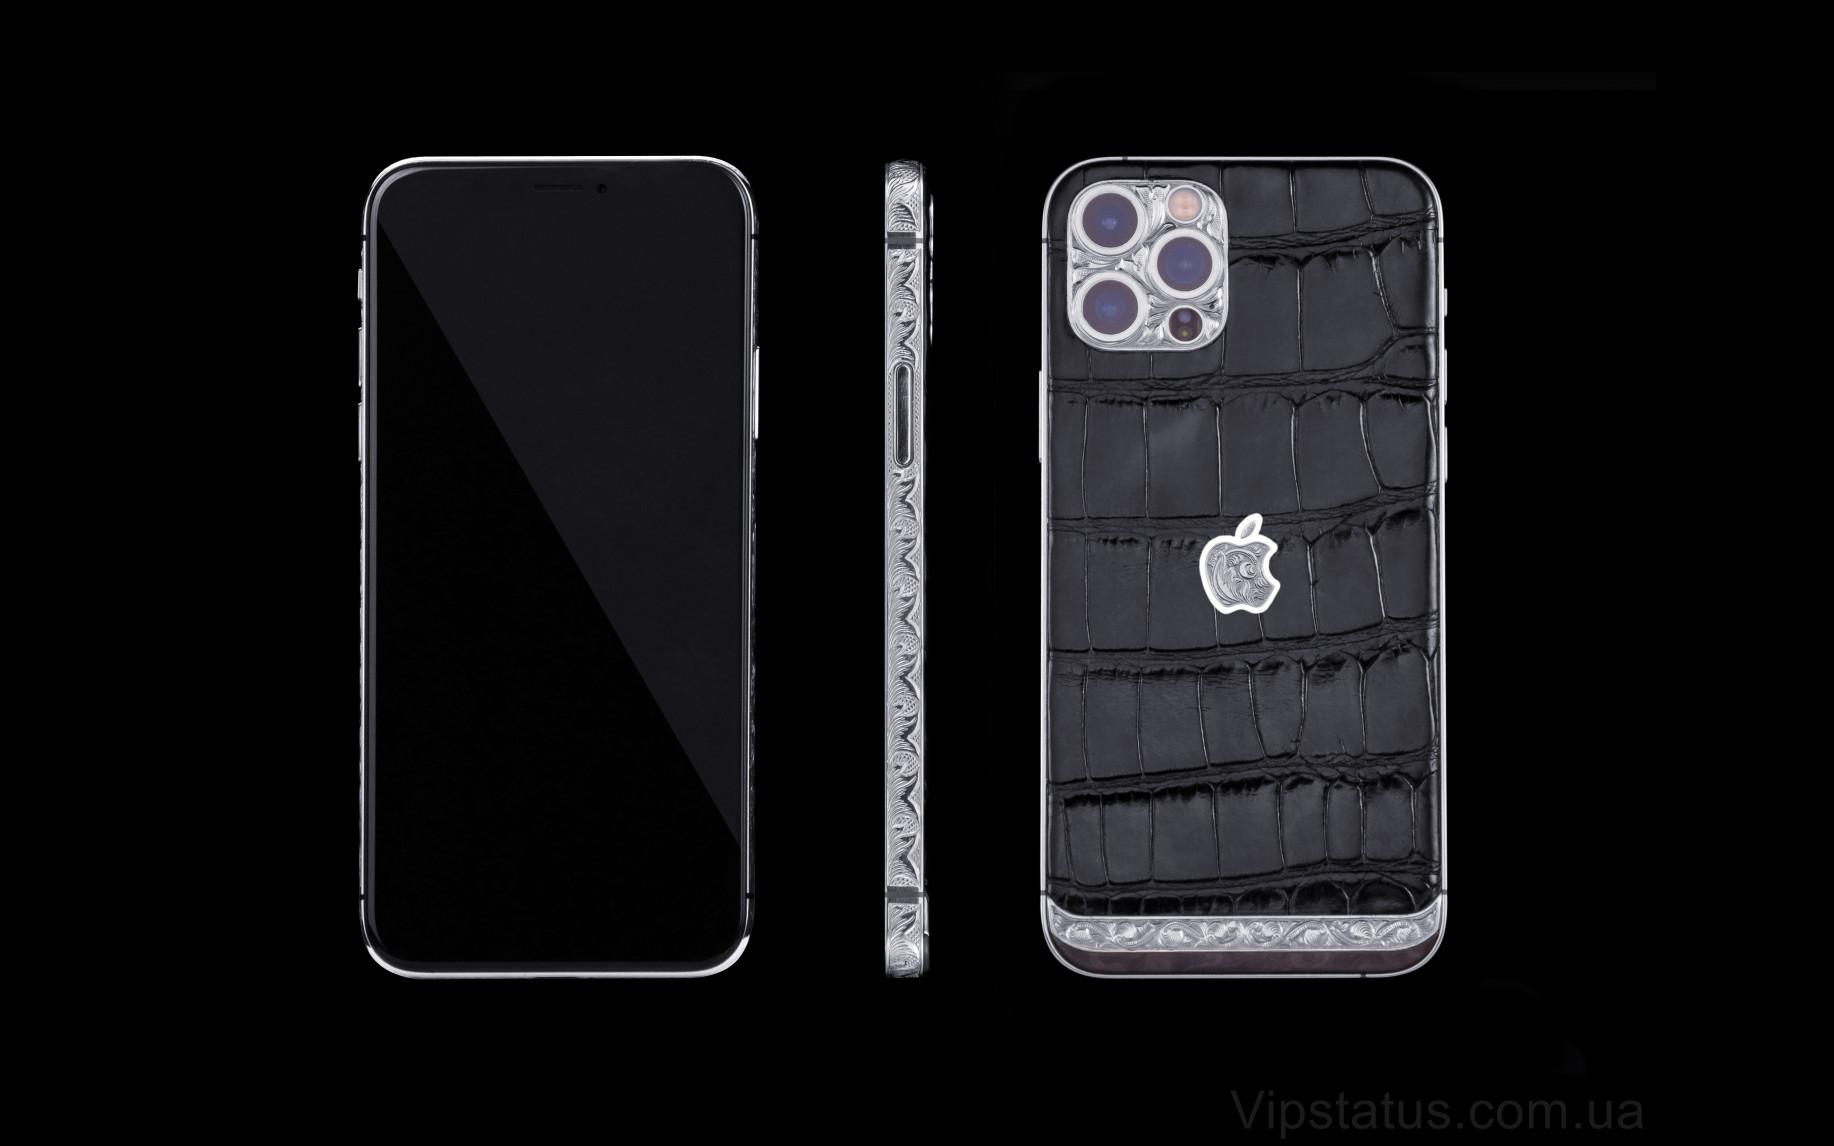 Elite Magic Apple Platinum IPHONE 12 PRO MAX 512 GB Magic Apple Platinum IPHONE 12 PRO MAX 512 GB image 5